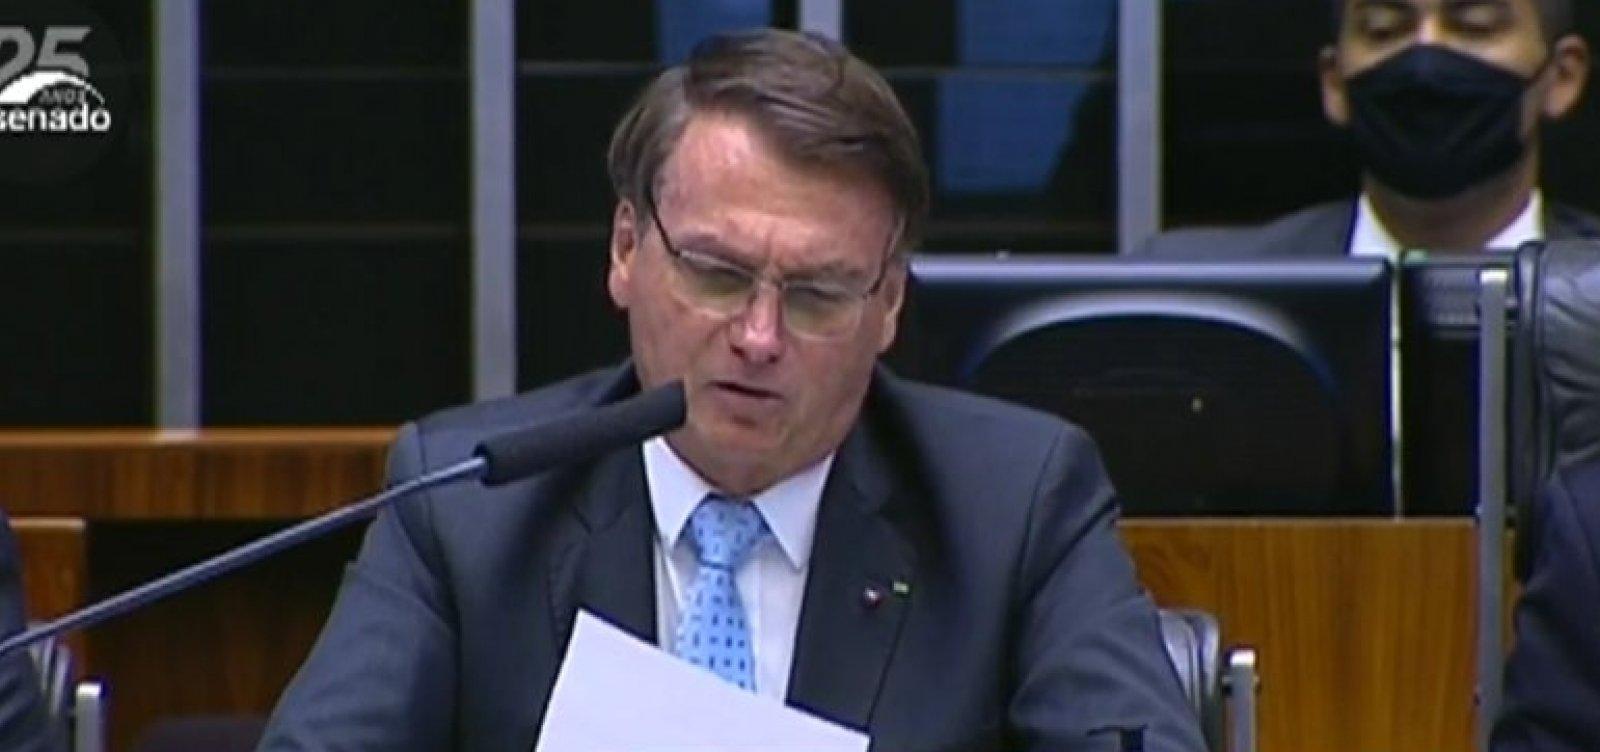 Chamado de genocida e fascista no Congresso, Bolsonaro responde: 'nos encontramos em 22'